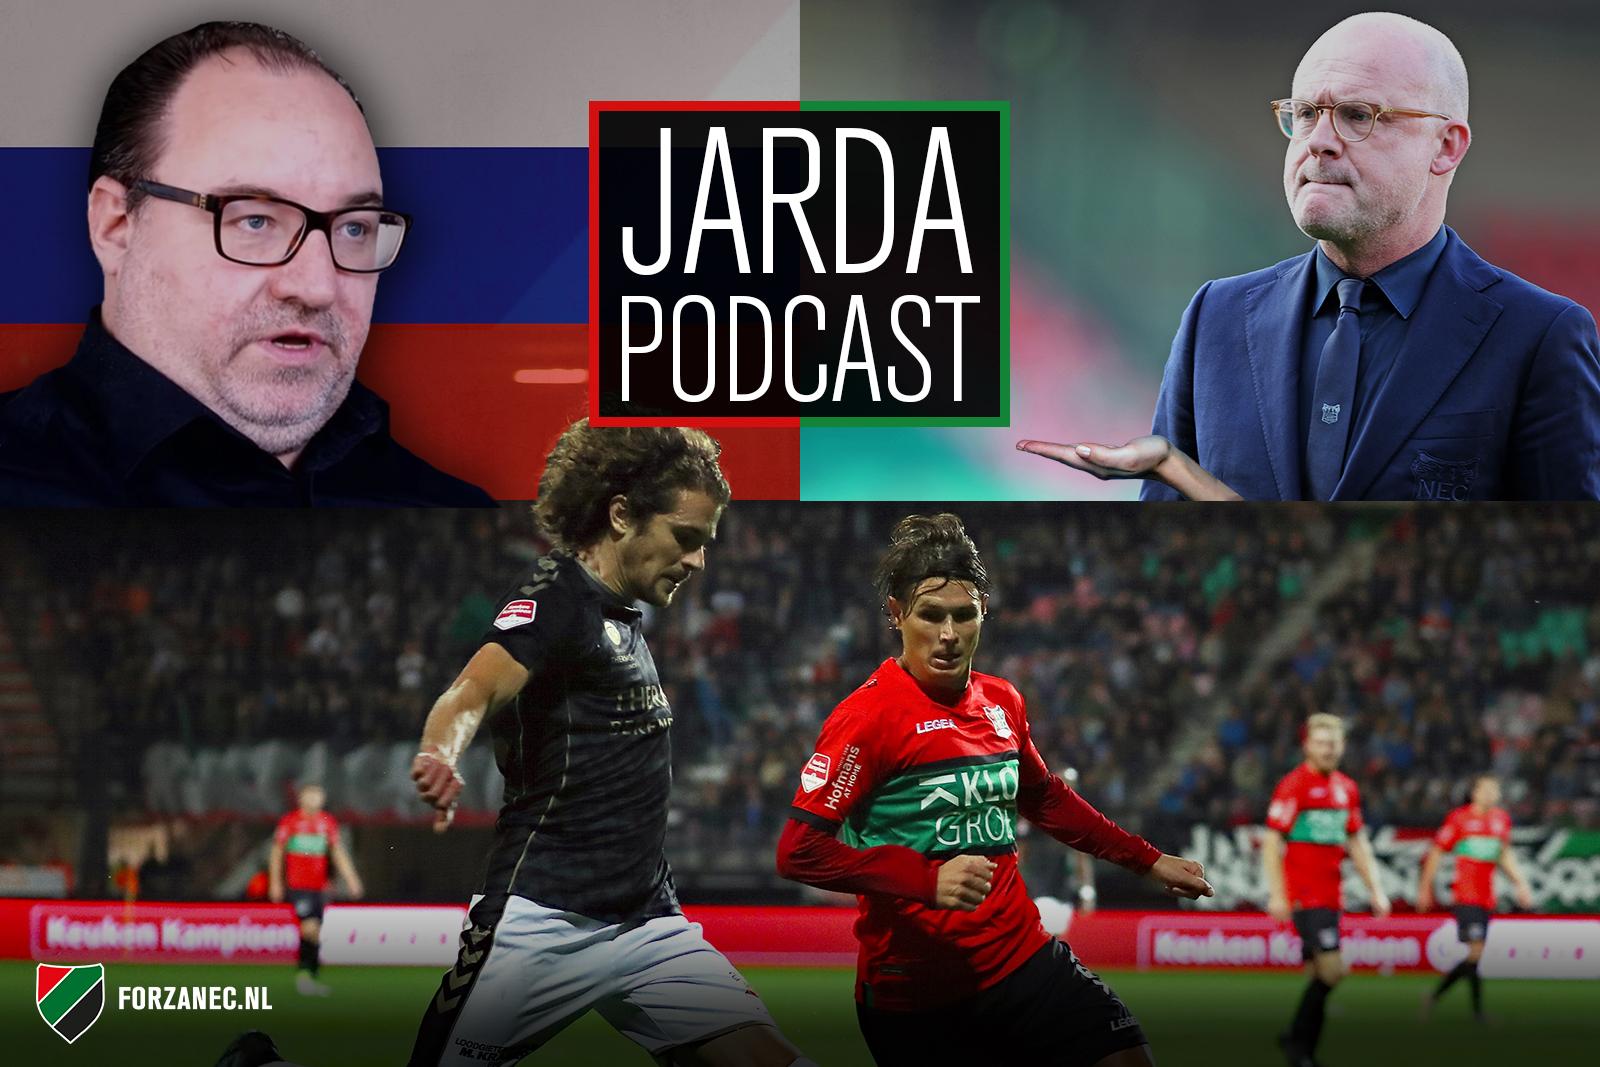 Jarda Podcast #23: Jack is back, schelden op NAC en Russische invloeden